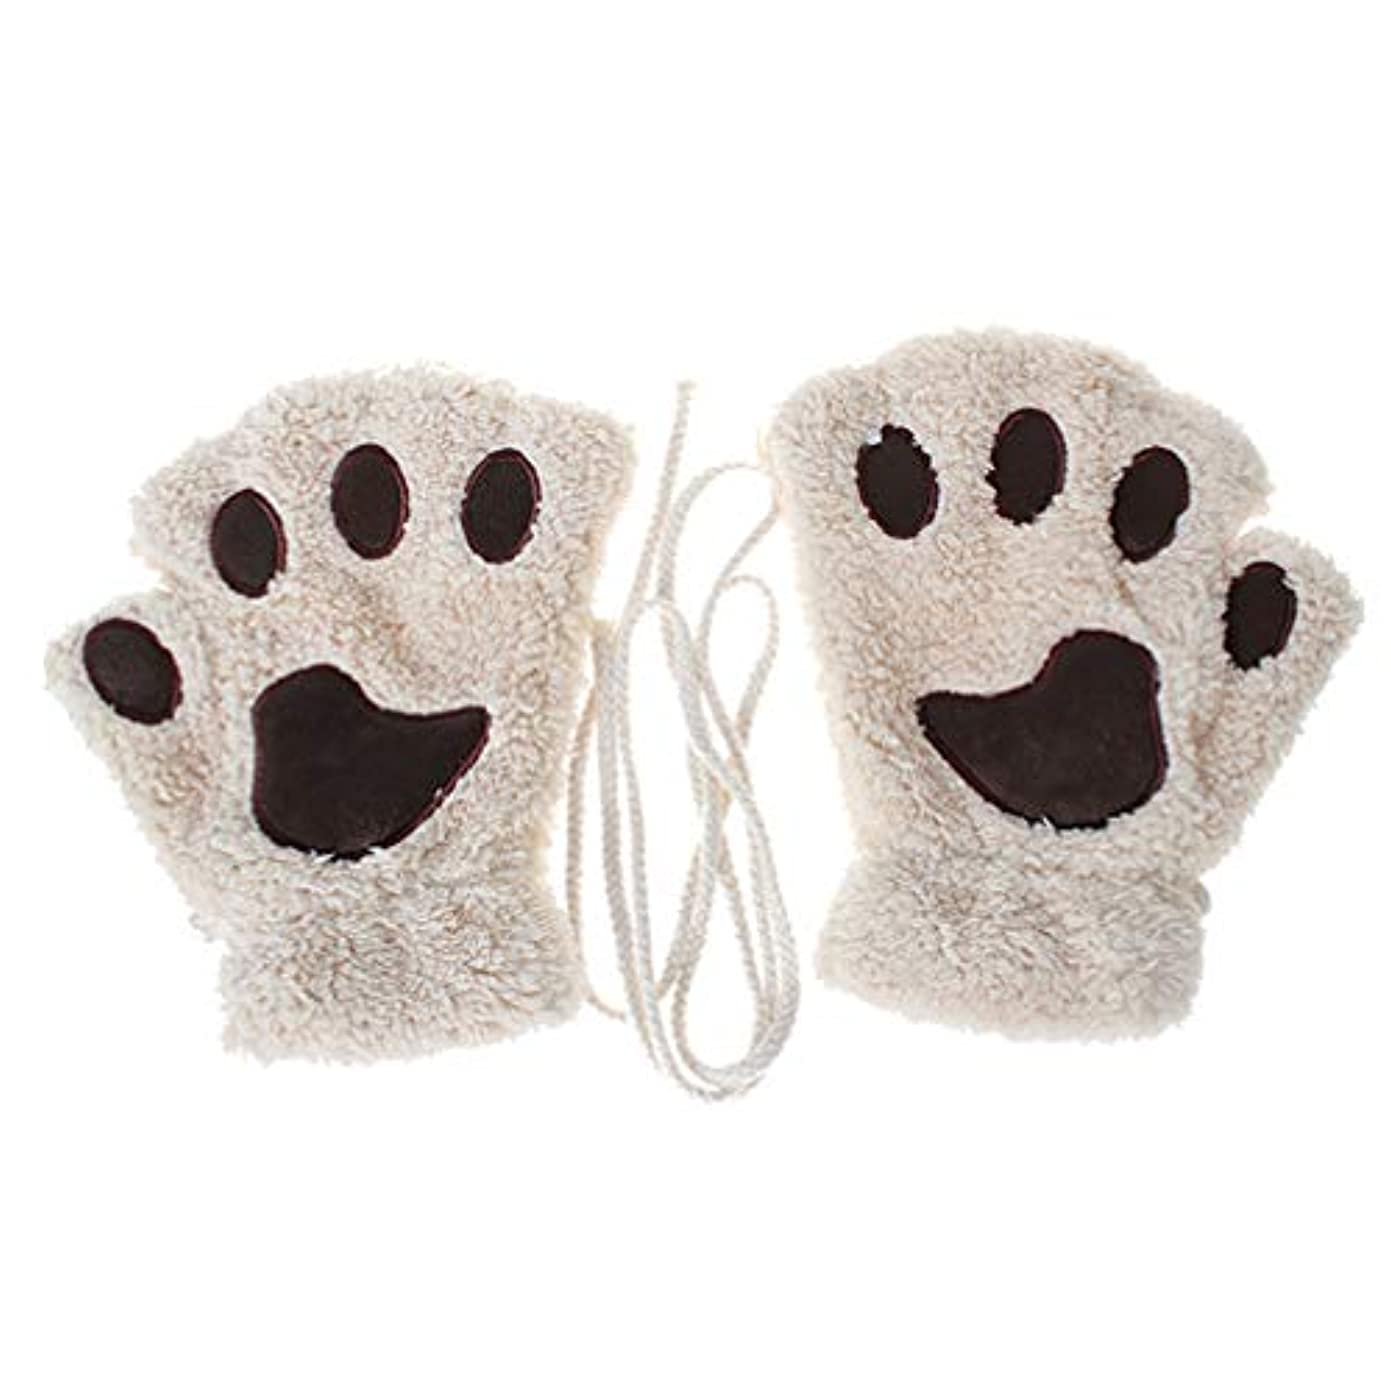 小人ペルー抜粋Toporchid 冬の厚く暖かいハーフフィンガーグローブかわいい女性のぬいぐるみ子猫の爪手袋